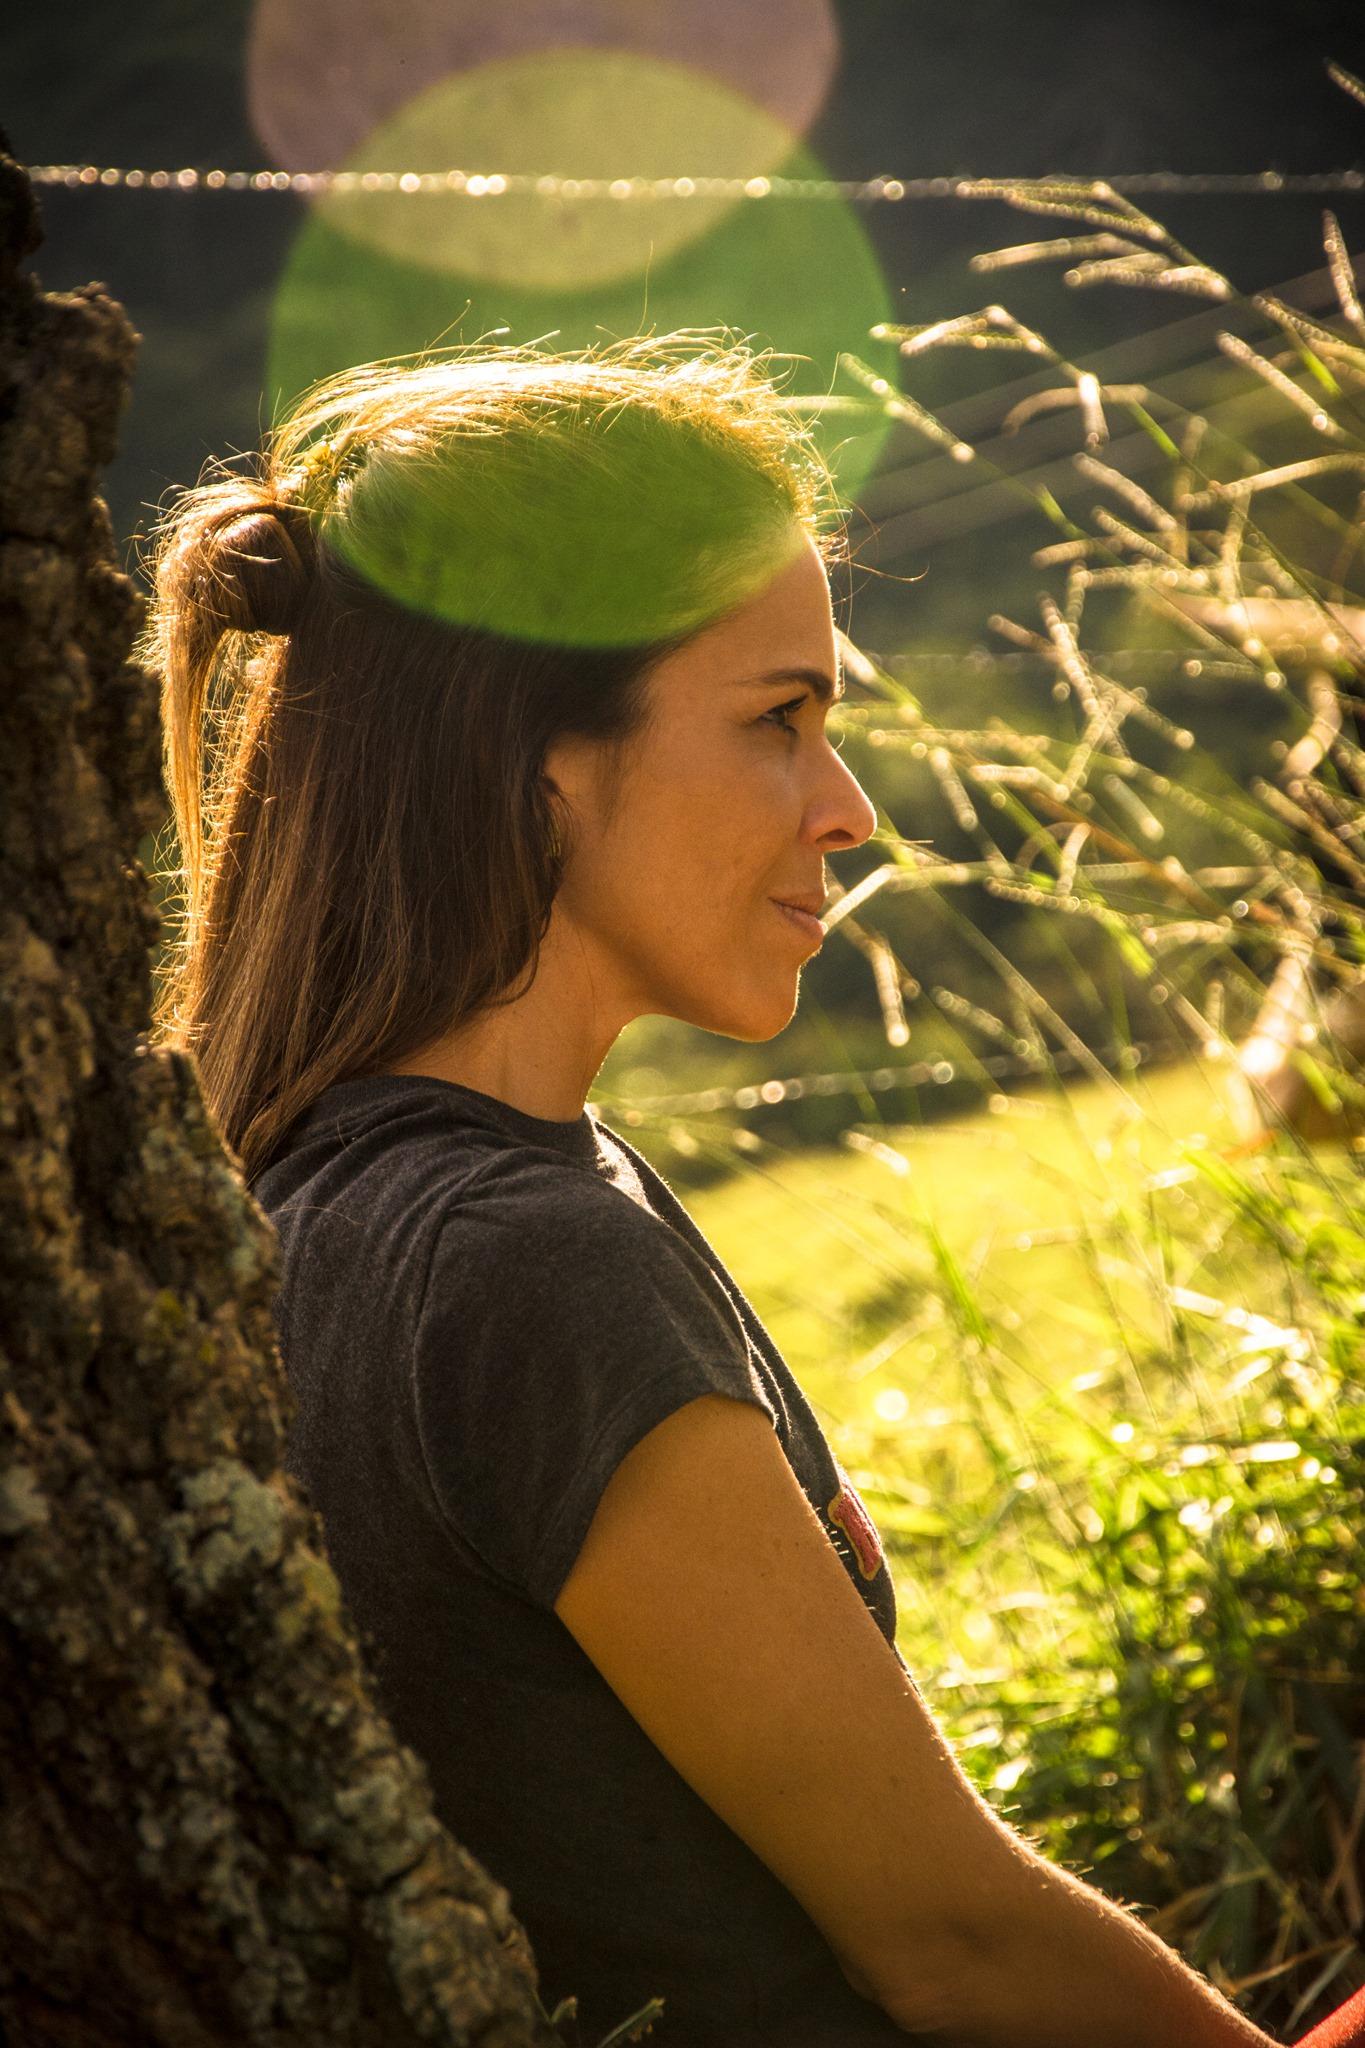 <strong><em>Carolina Freixo</em></strong>